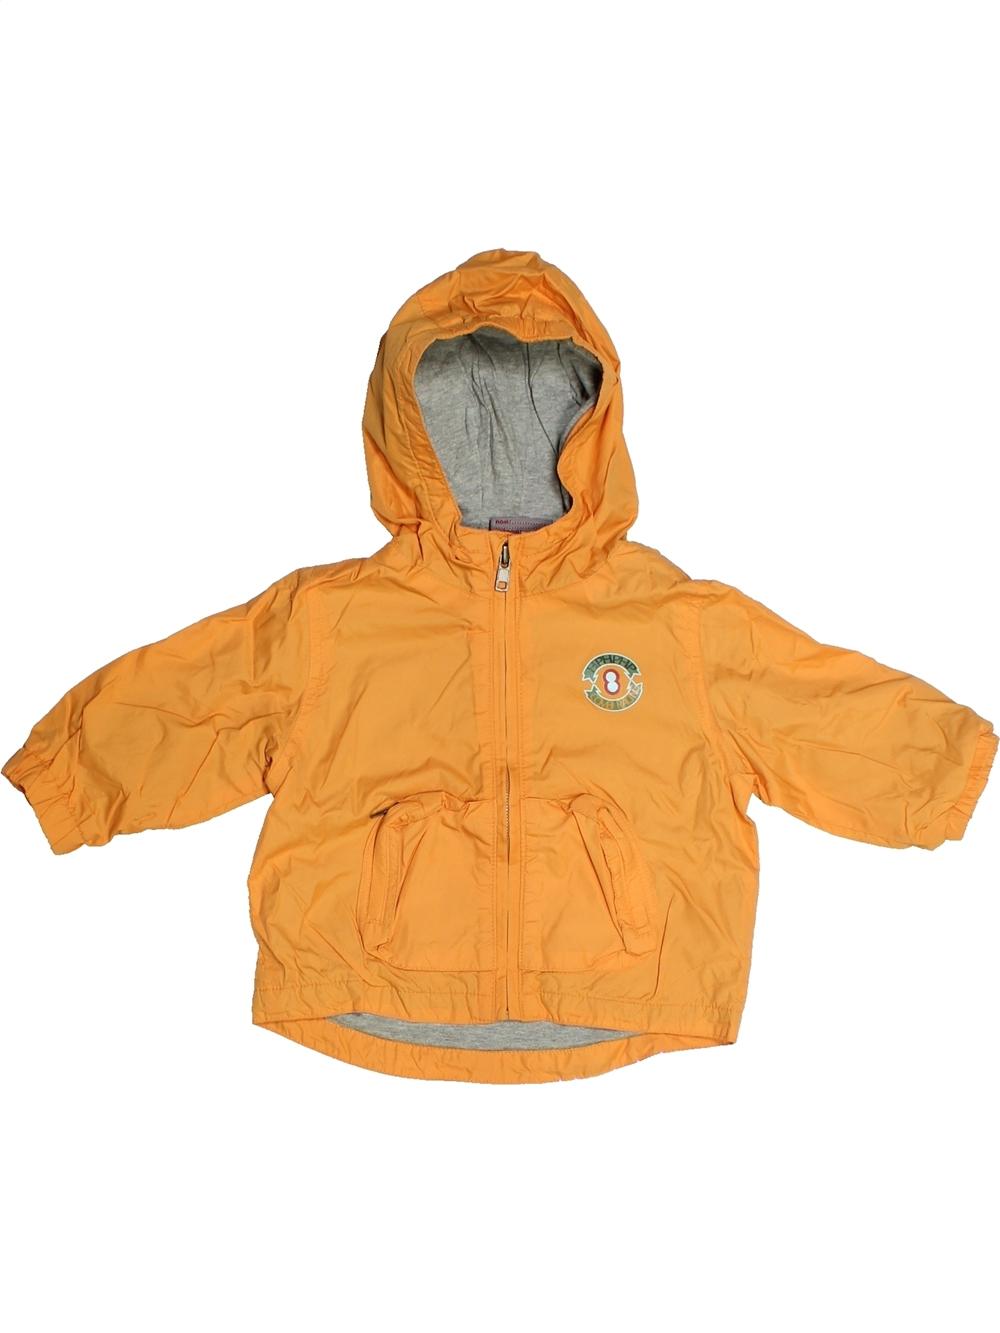 Parka-bebe-garcon-DPAM-12-mois-orange-hiver-vetement-bebe-1133810